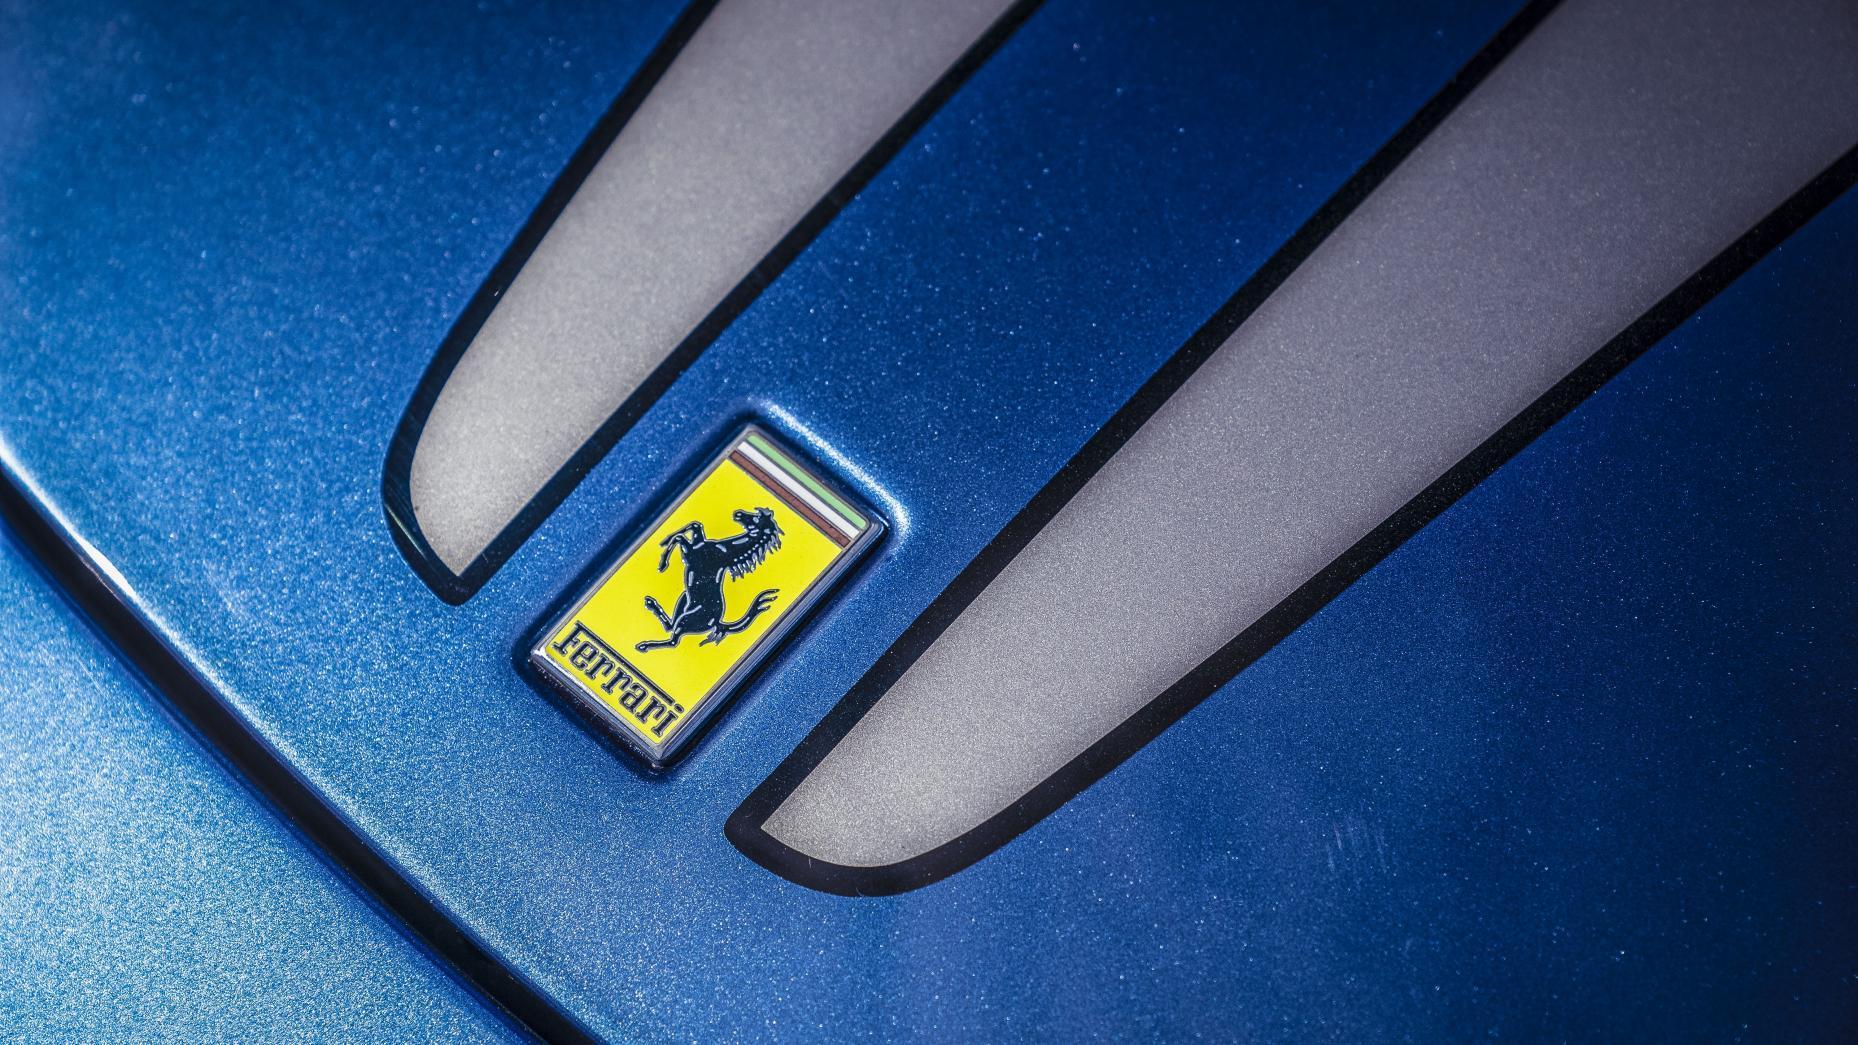 Ferrari 430 Scuderia Ferrari logo